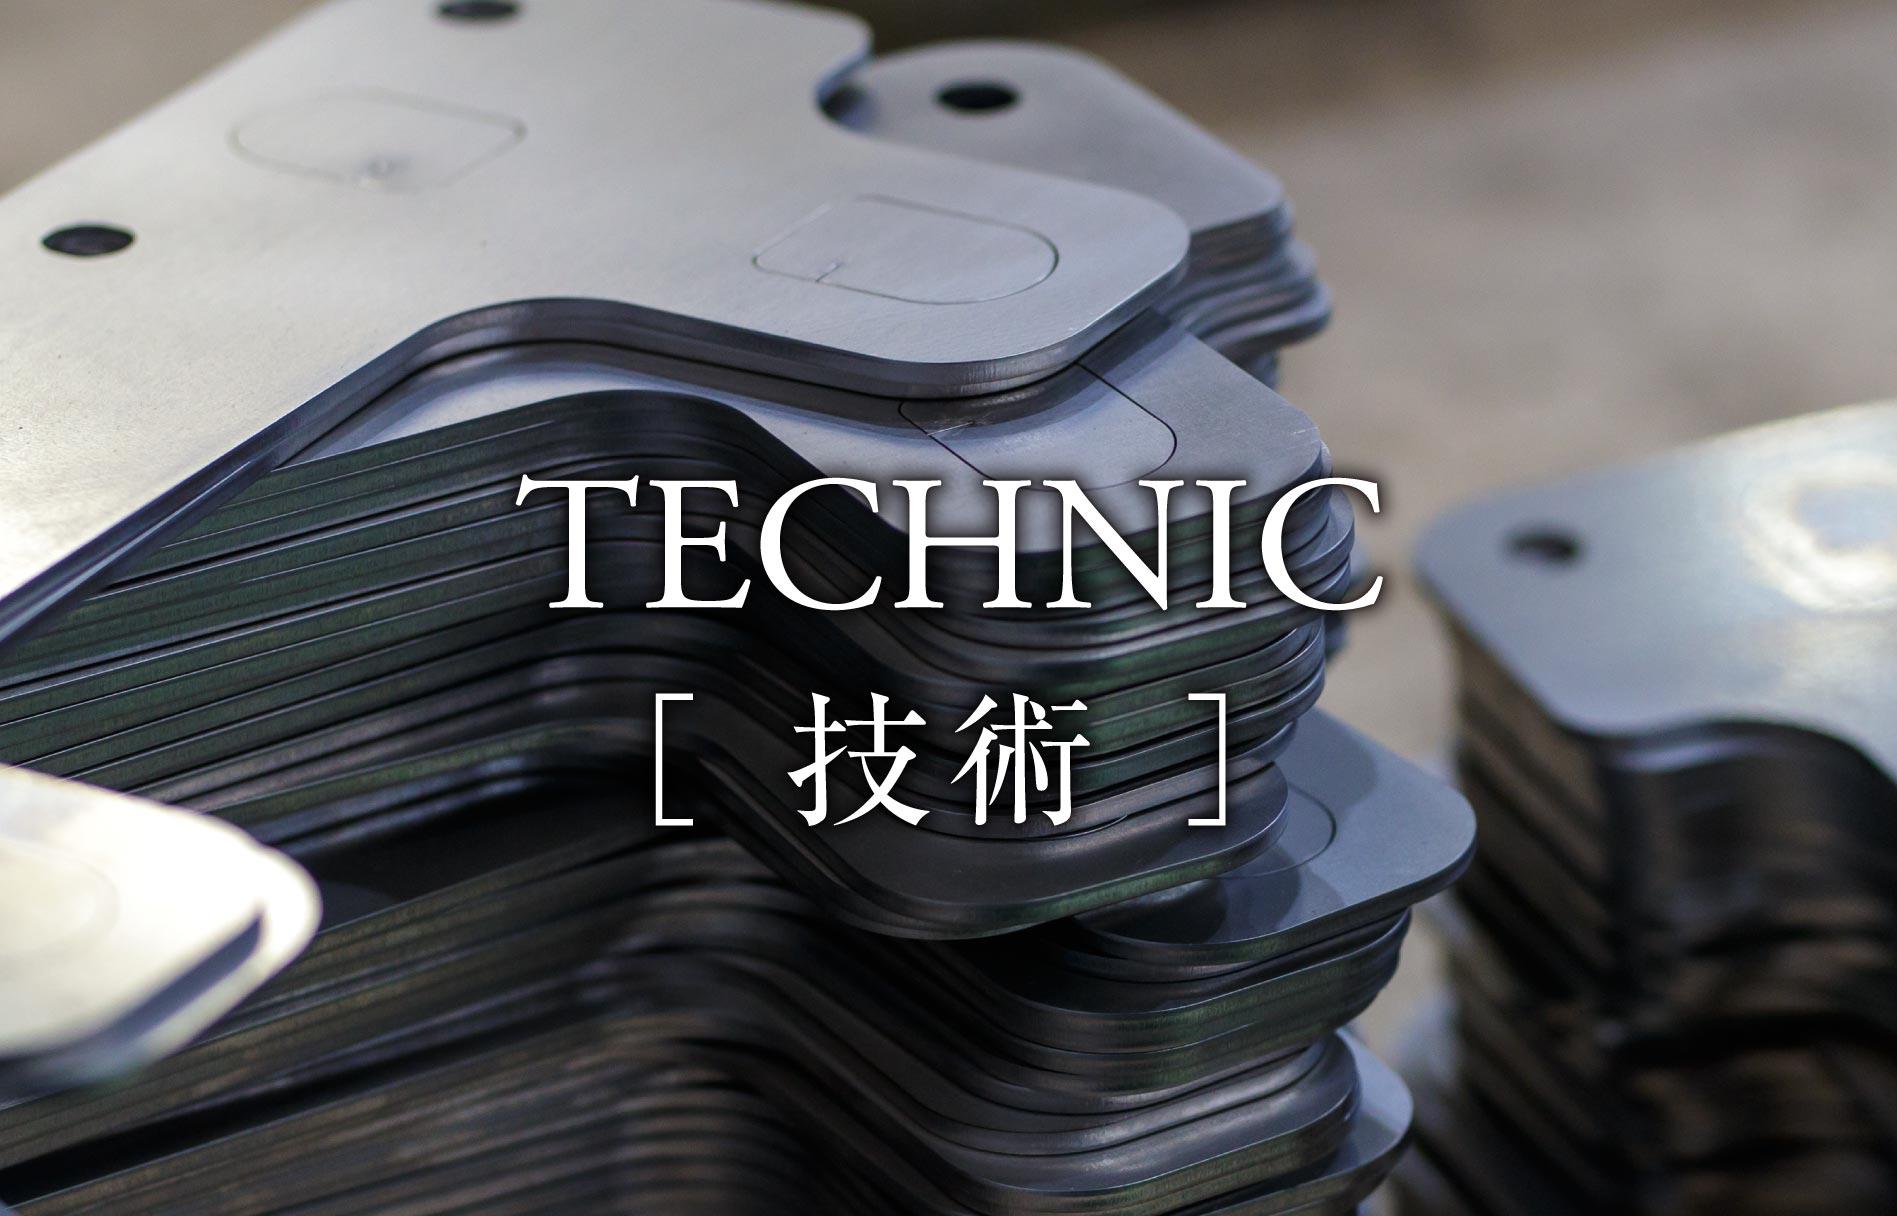 翔南産業のレーザー技術